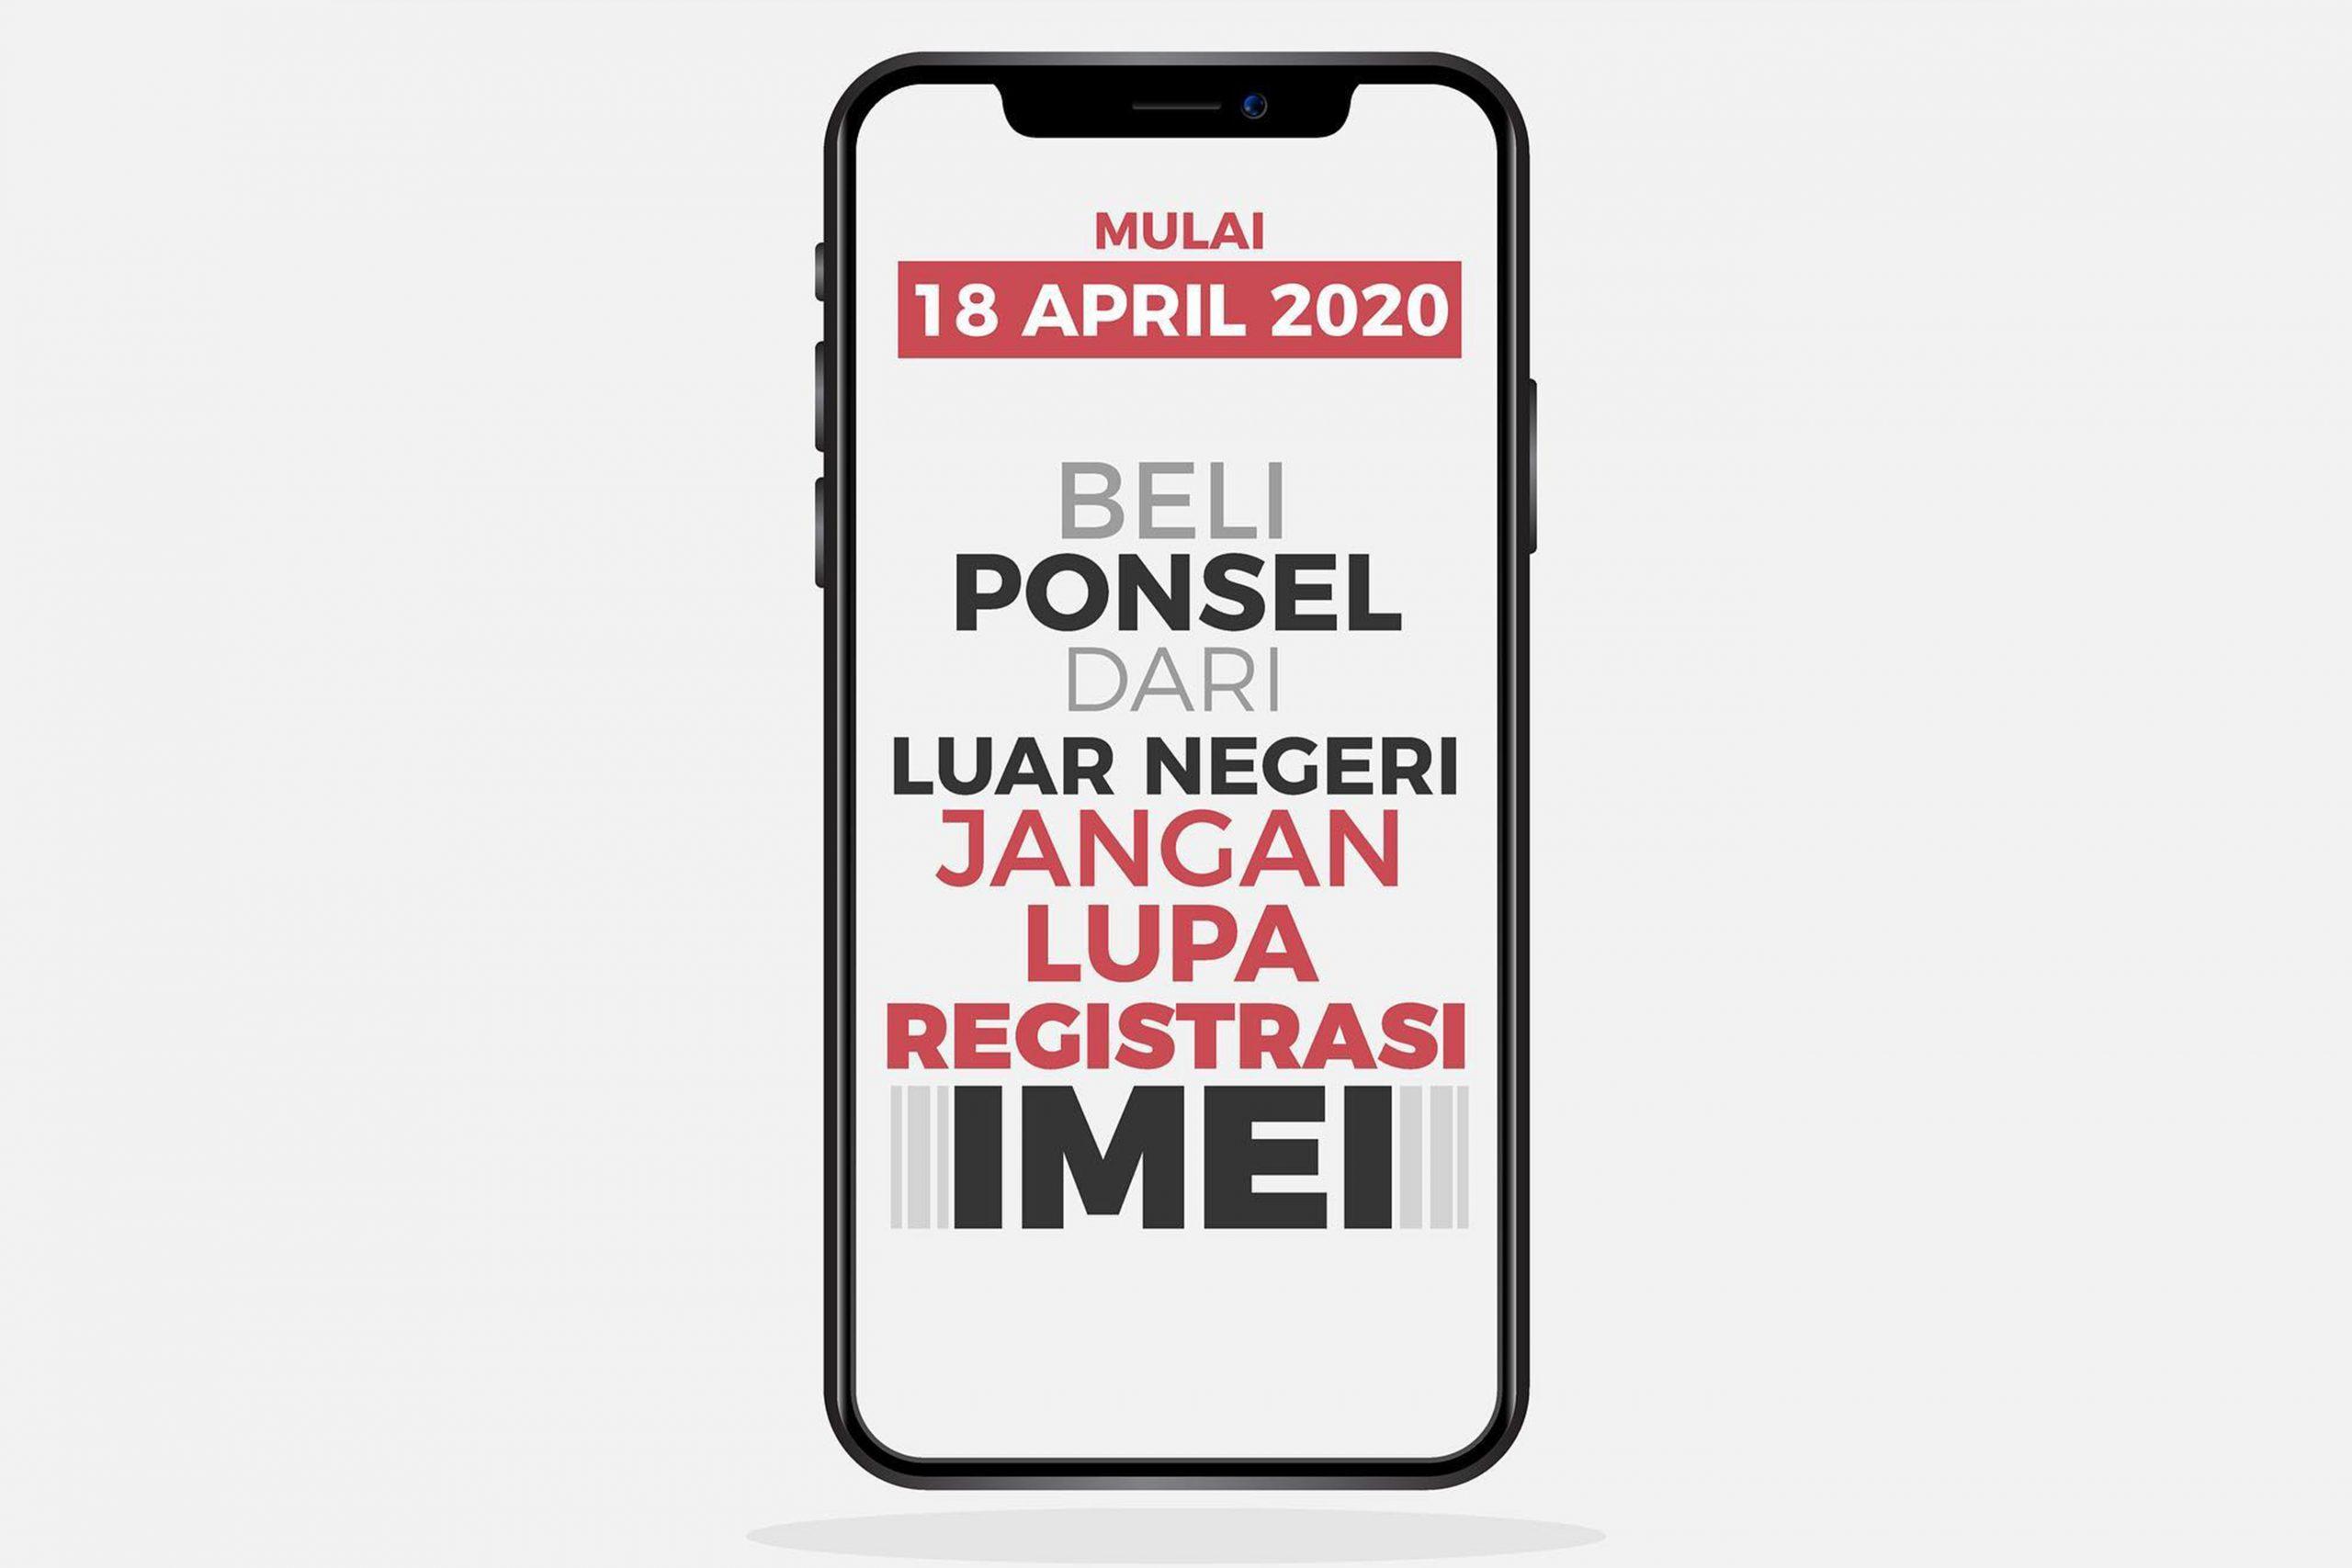 Beli Ponsel Dari Luar Negeri Jangan Lupa Registrasi IMEI